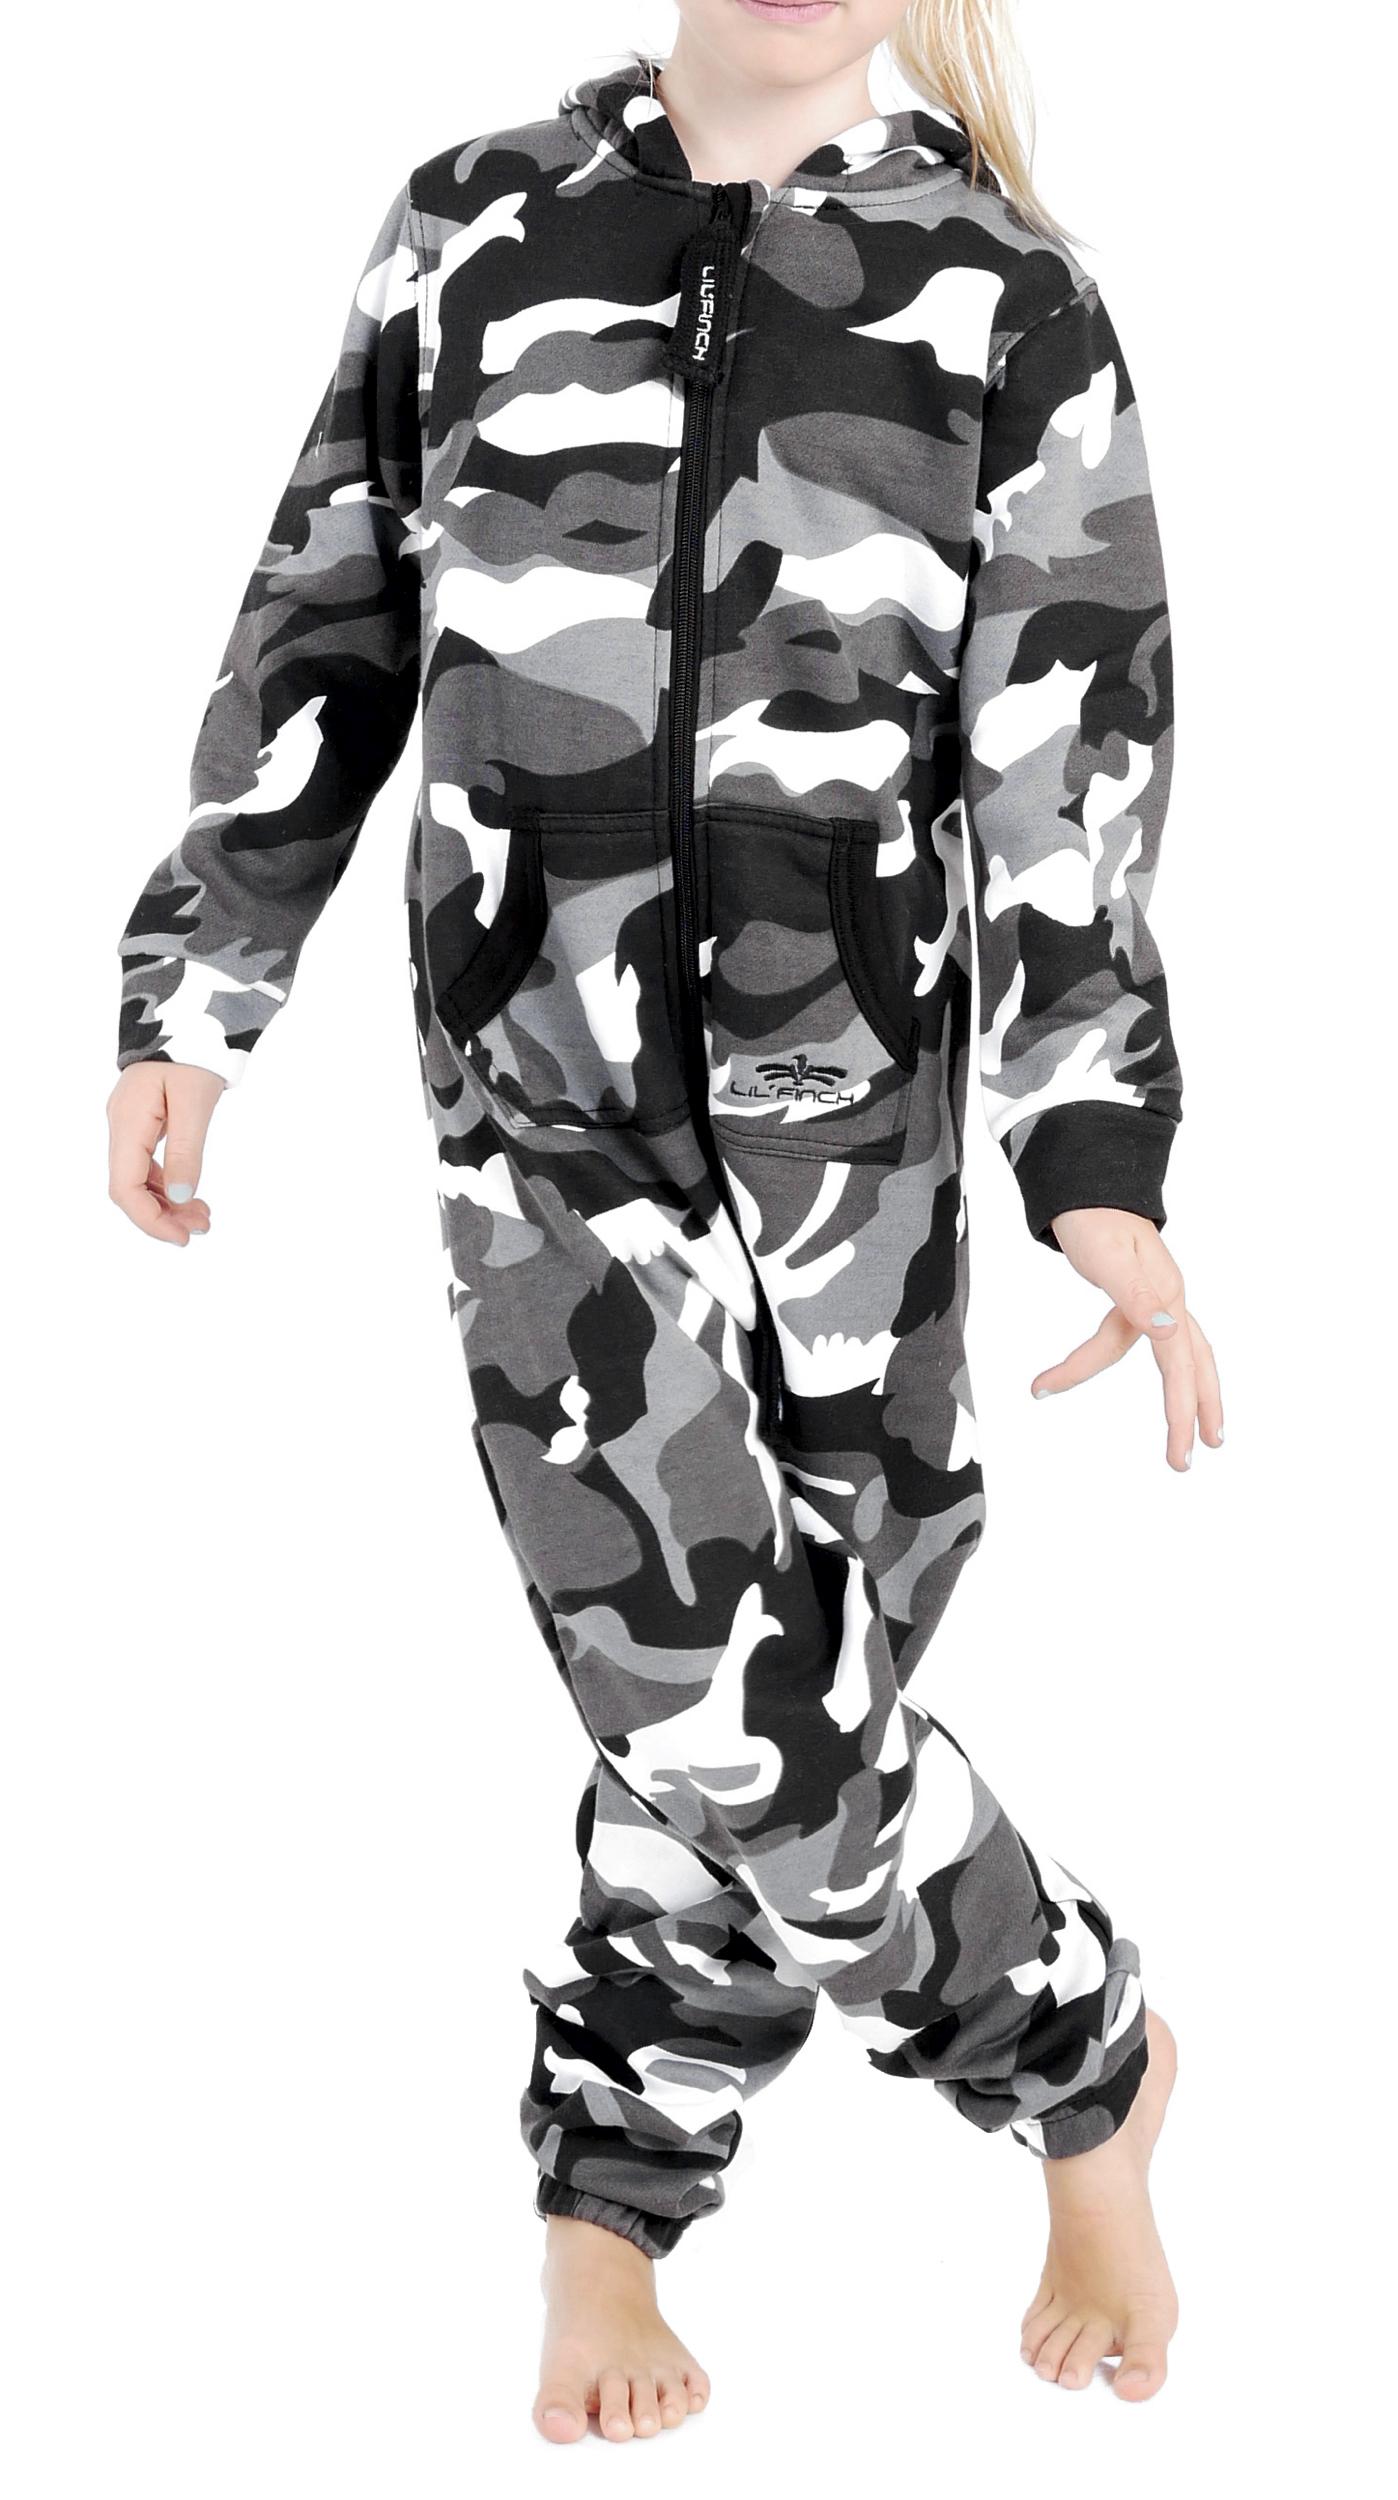 LIL-039-Finch-LFV2-Kinder-Jumpsuit-Jungen-Maedchen-Overall-Kids-Jogger-Onesie-Anzug